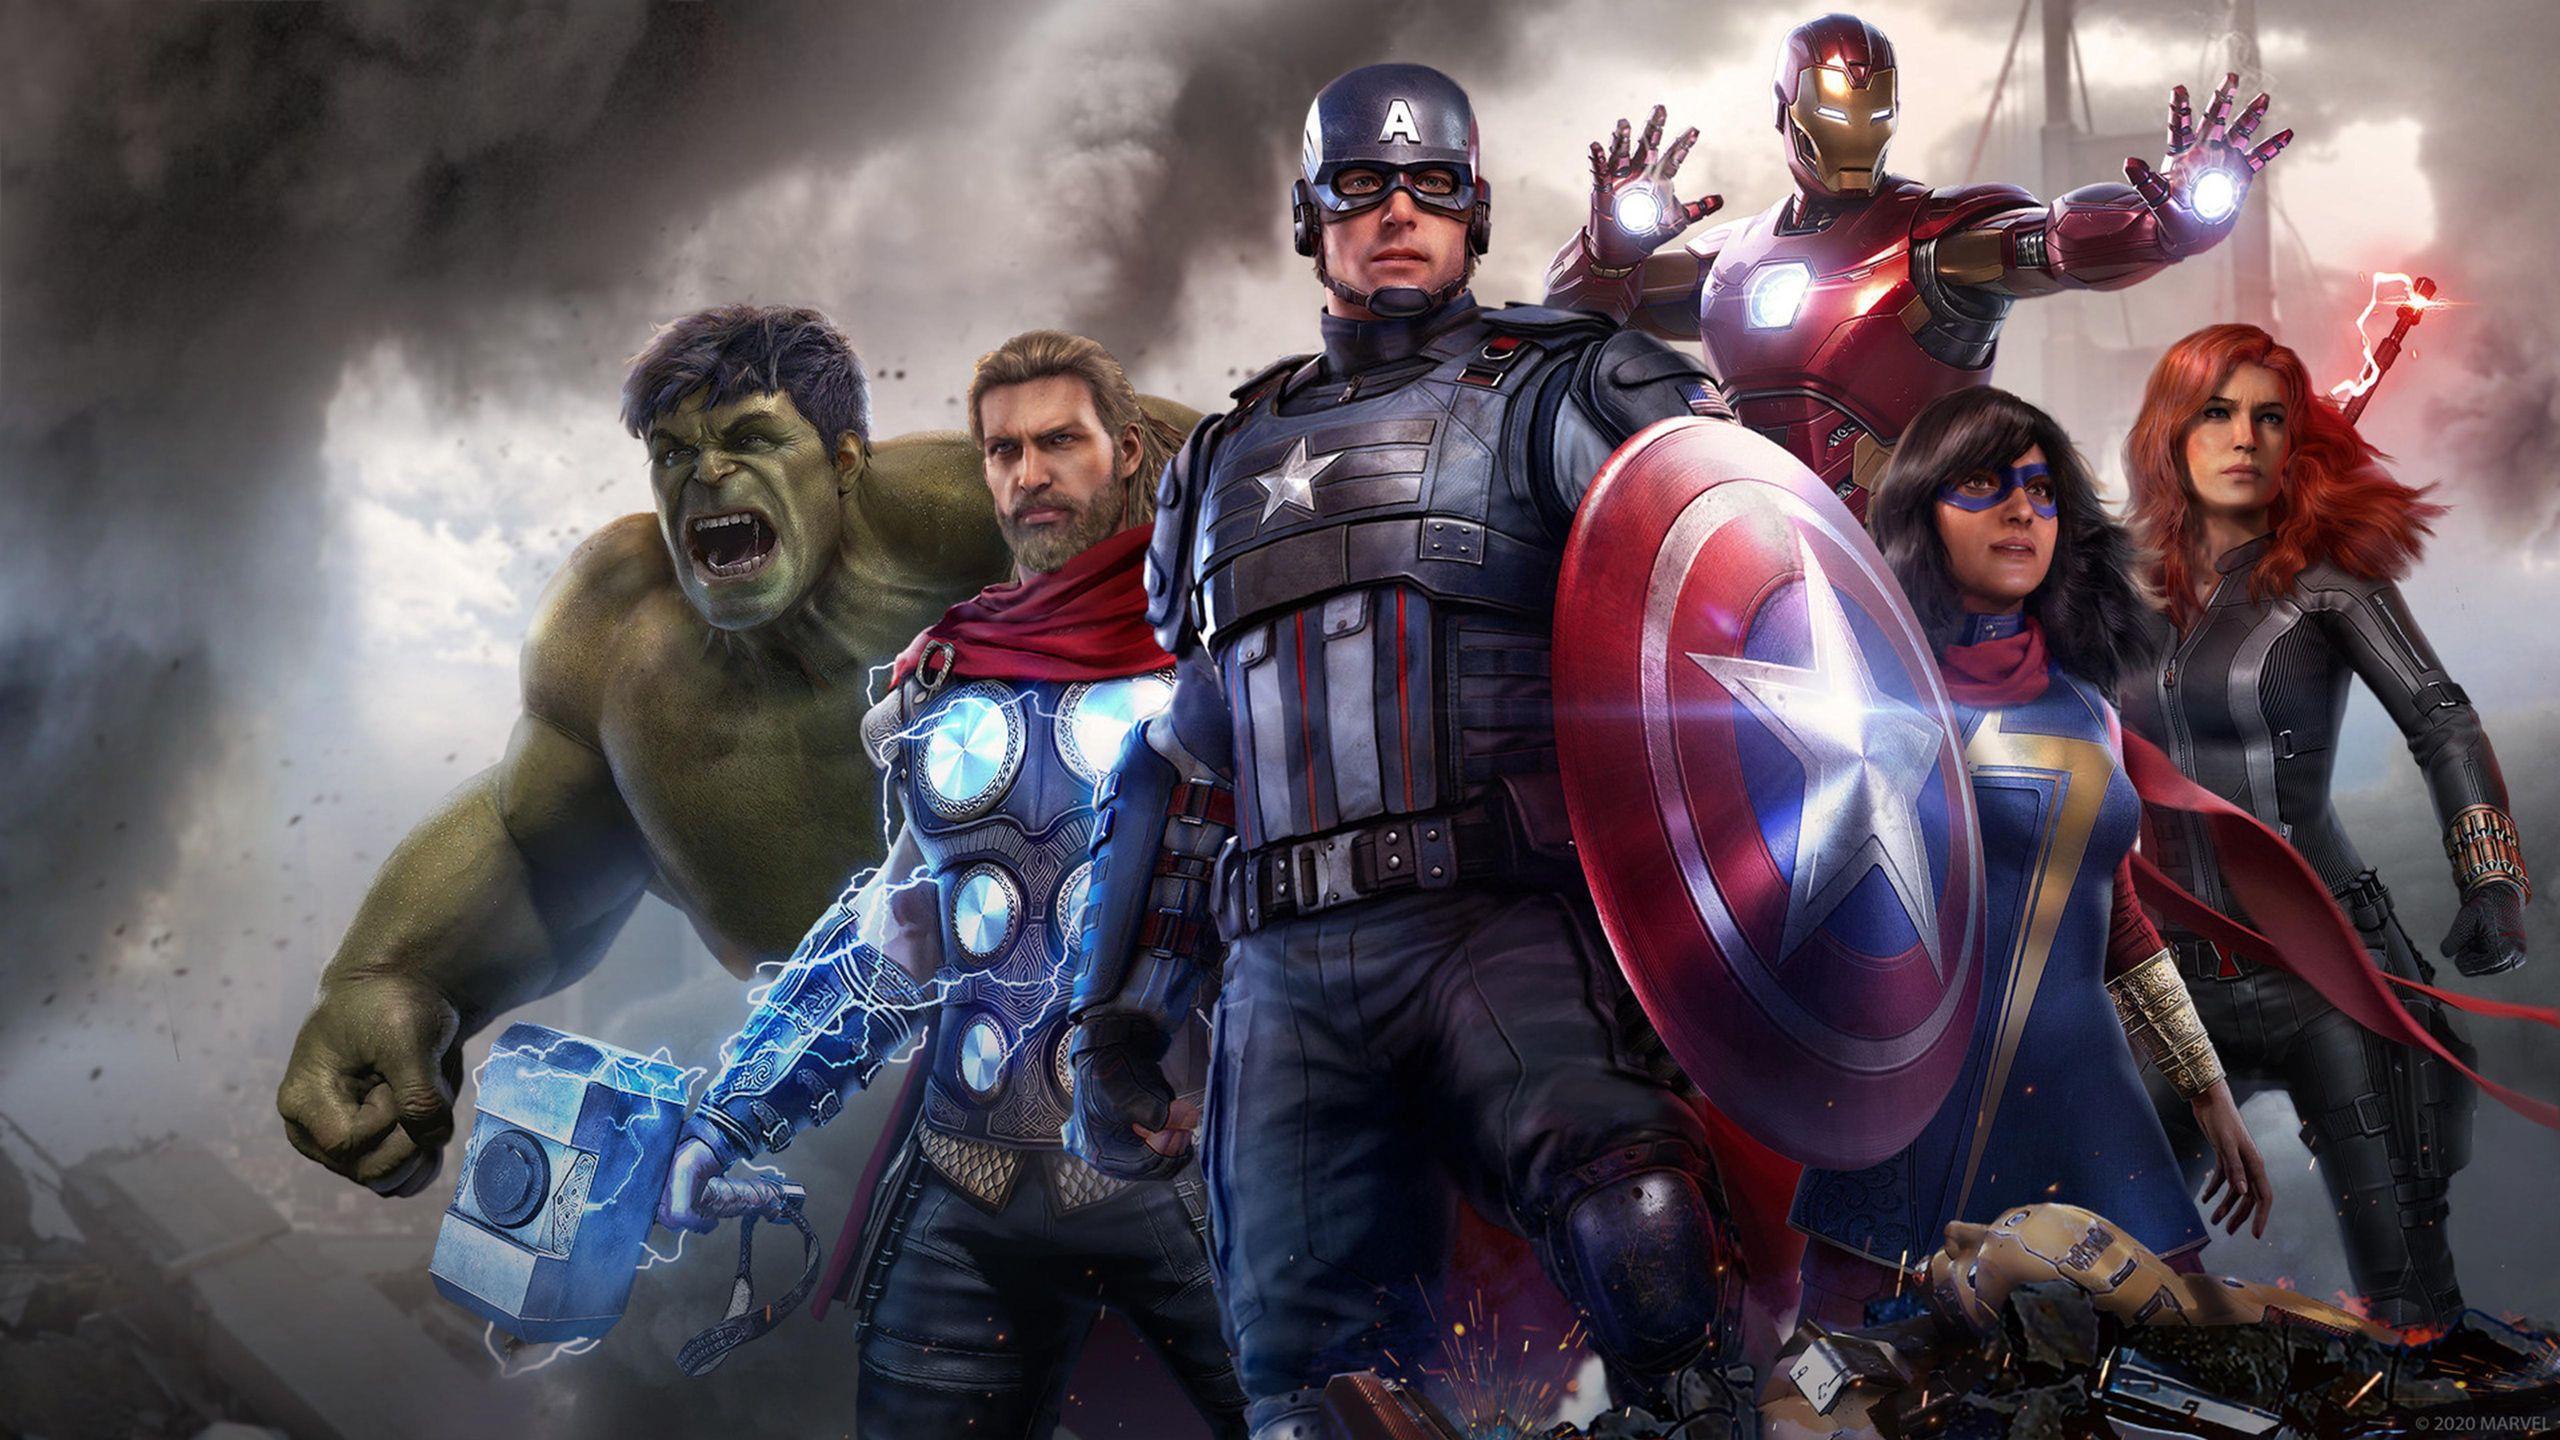 Marvel Avengers 4K Wallpapers - Top Free Marvel Avengers ...